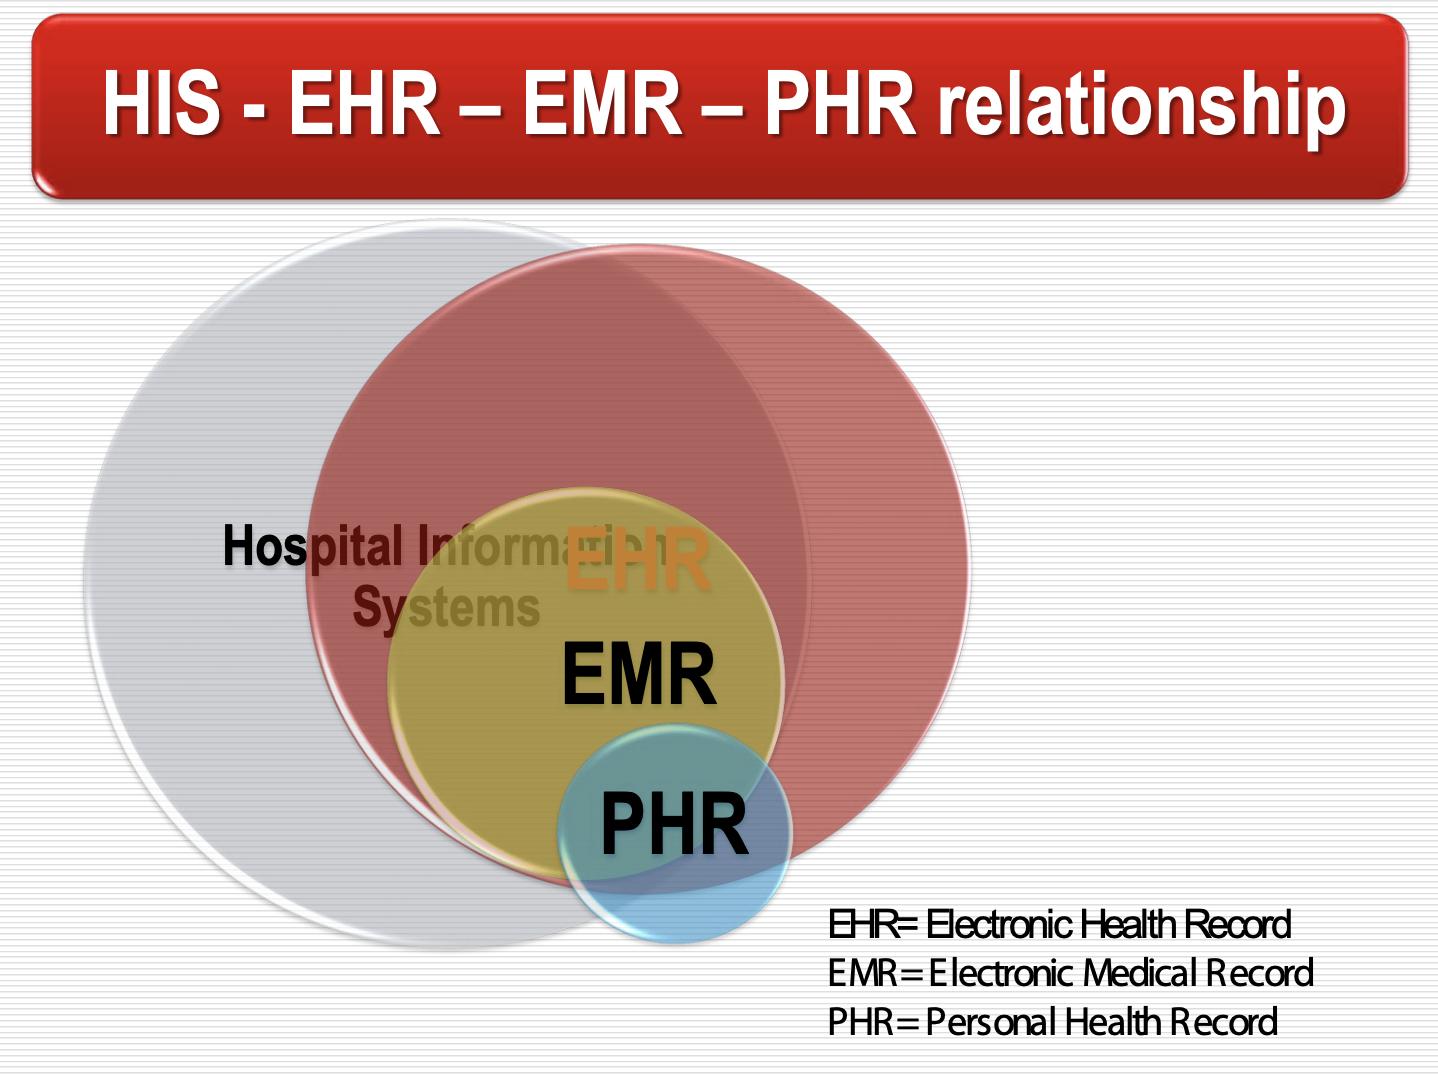 ตัวอย่างความเกี่ยวข้องกันของข้อมูลผู้ป่วยในระบบ HIS